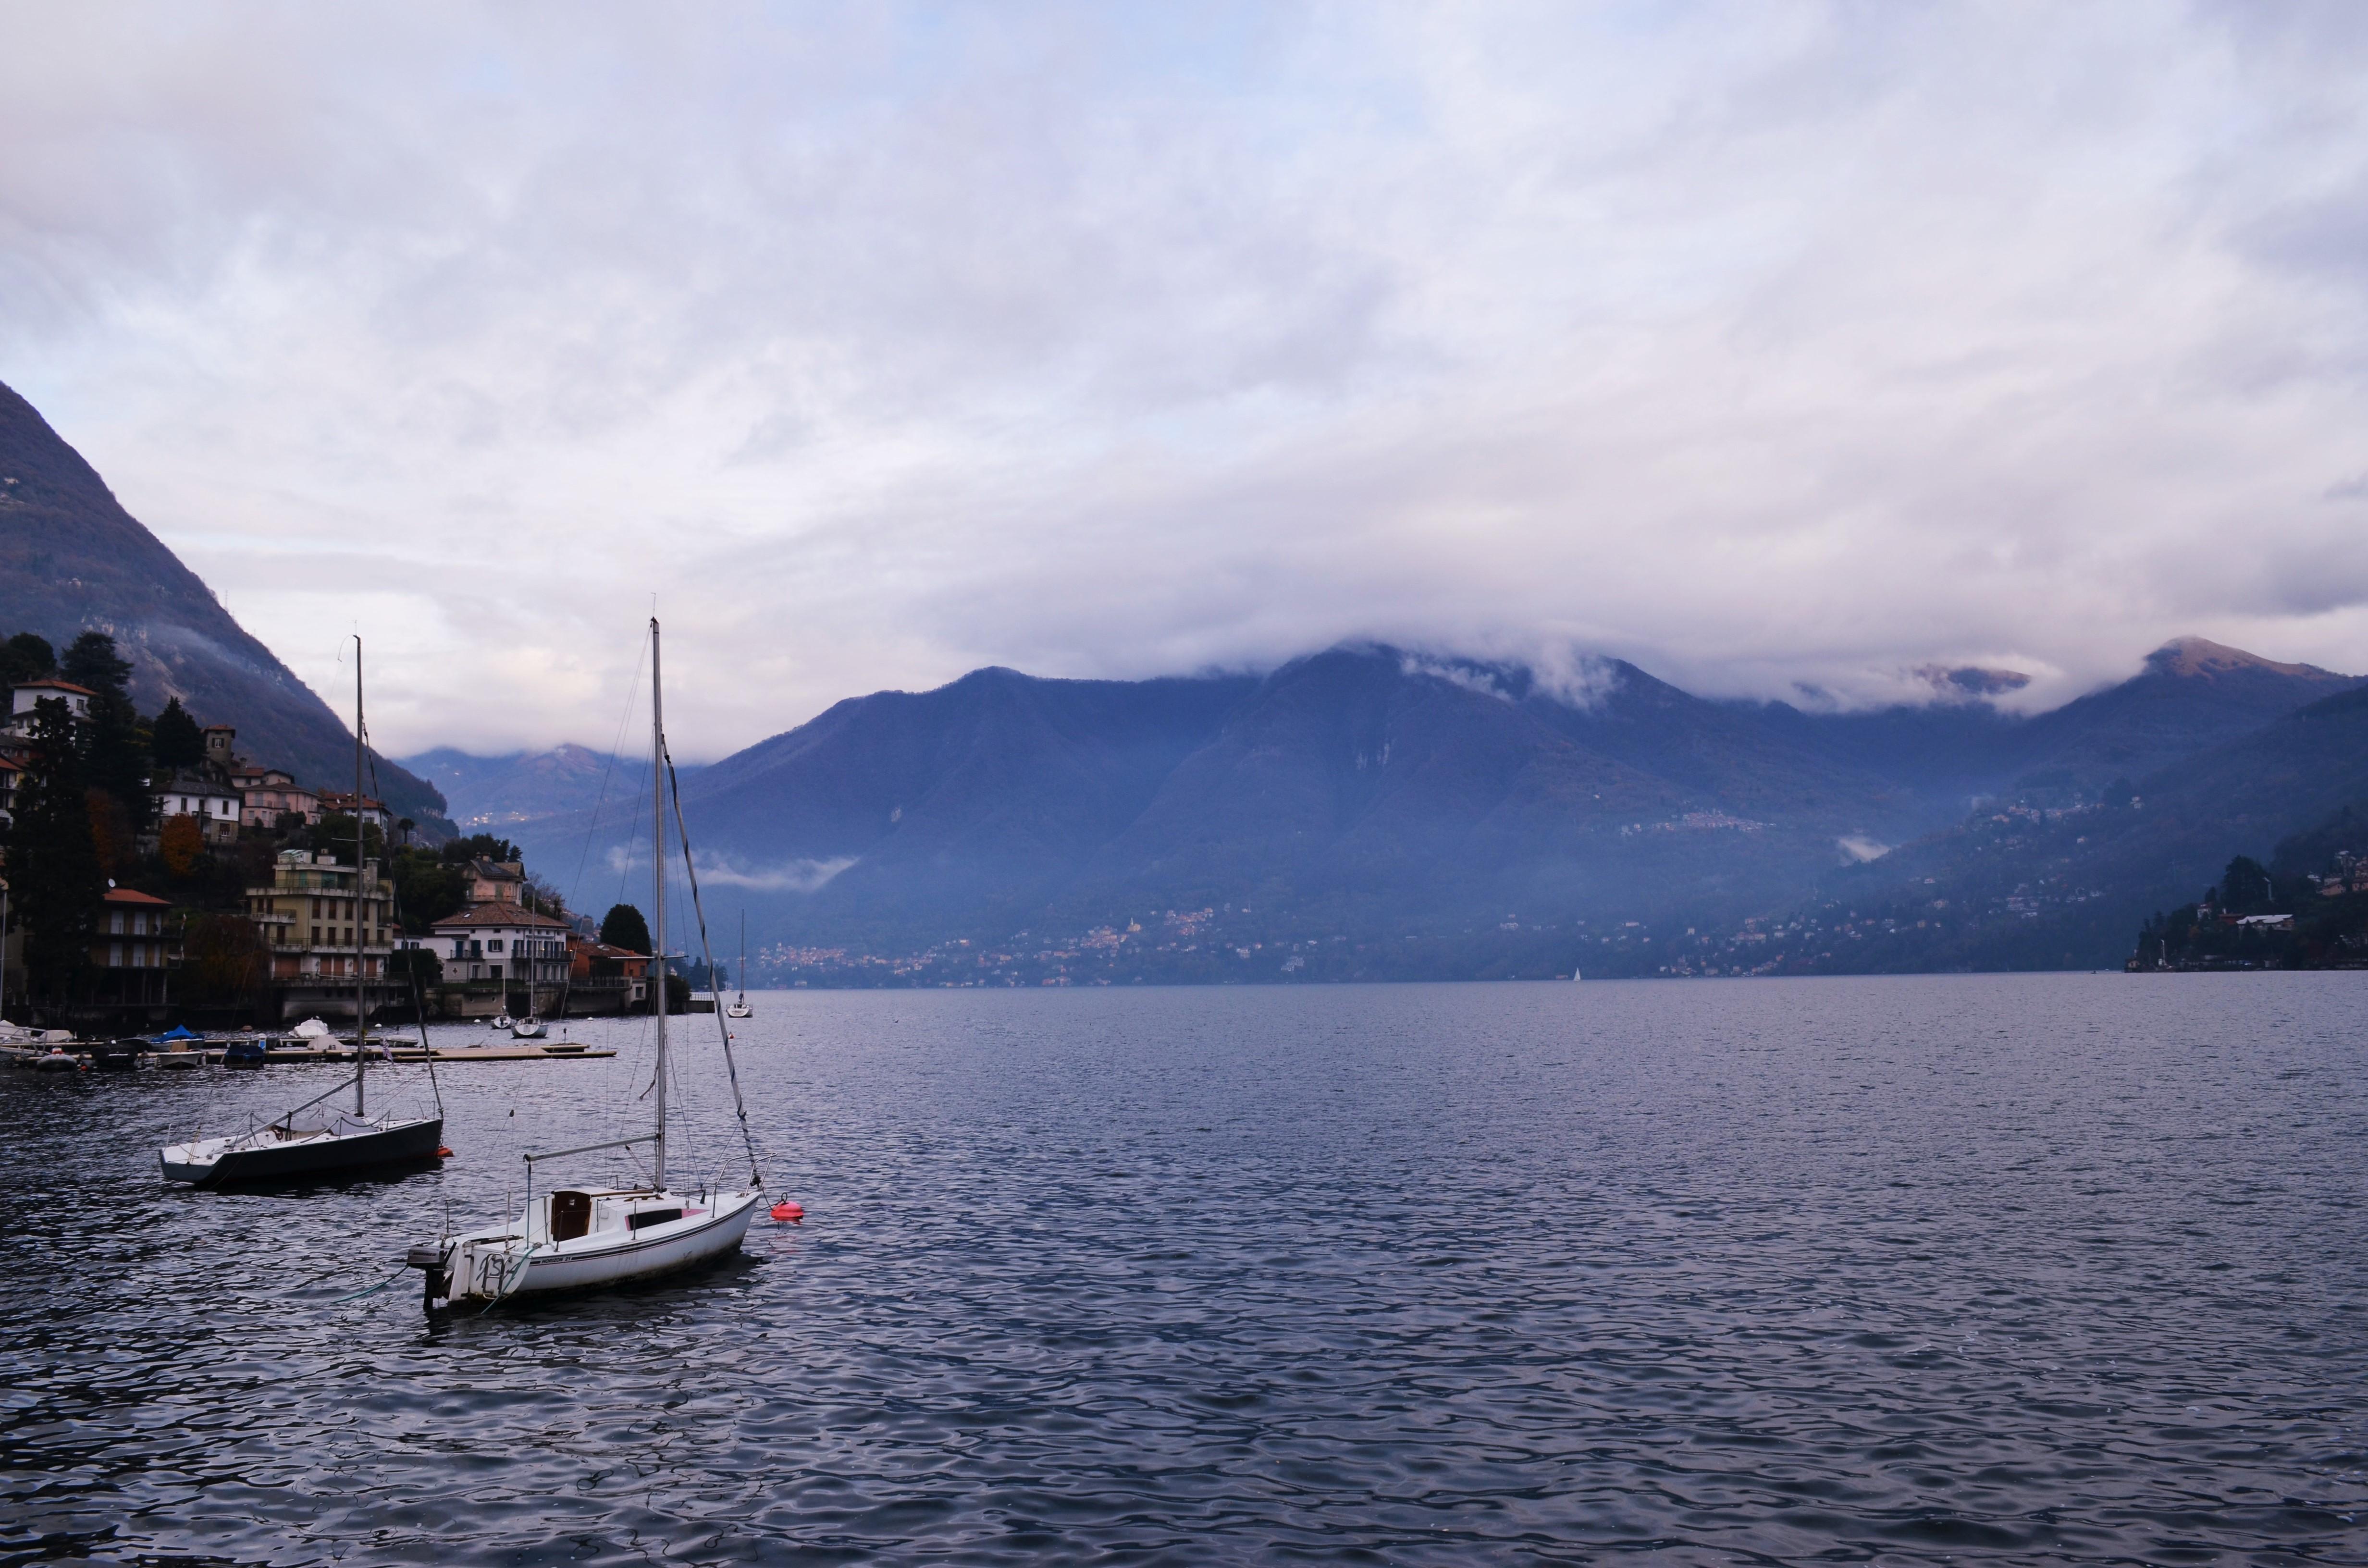 dsc_0521-2 Food Blogger Day a Moltrasio sul Lago di Como